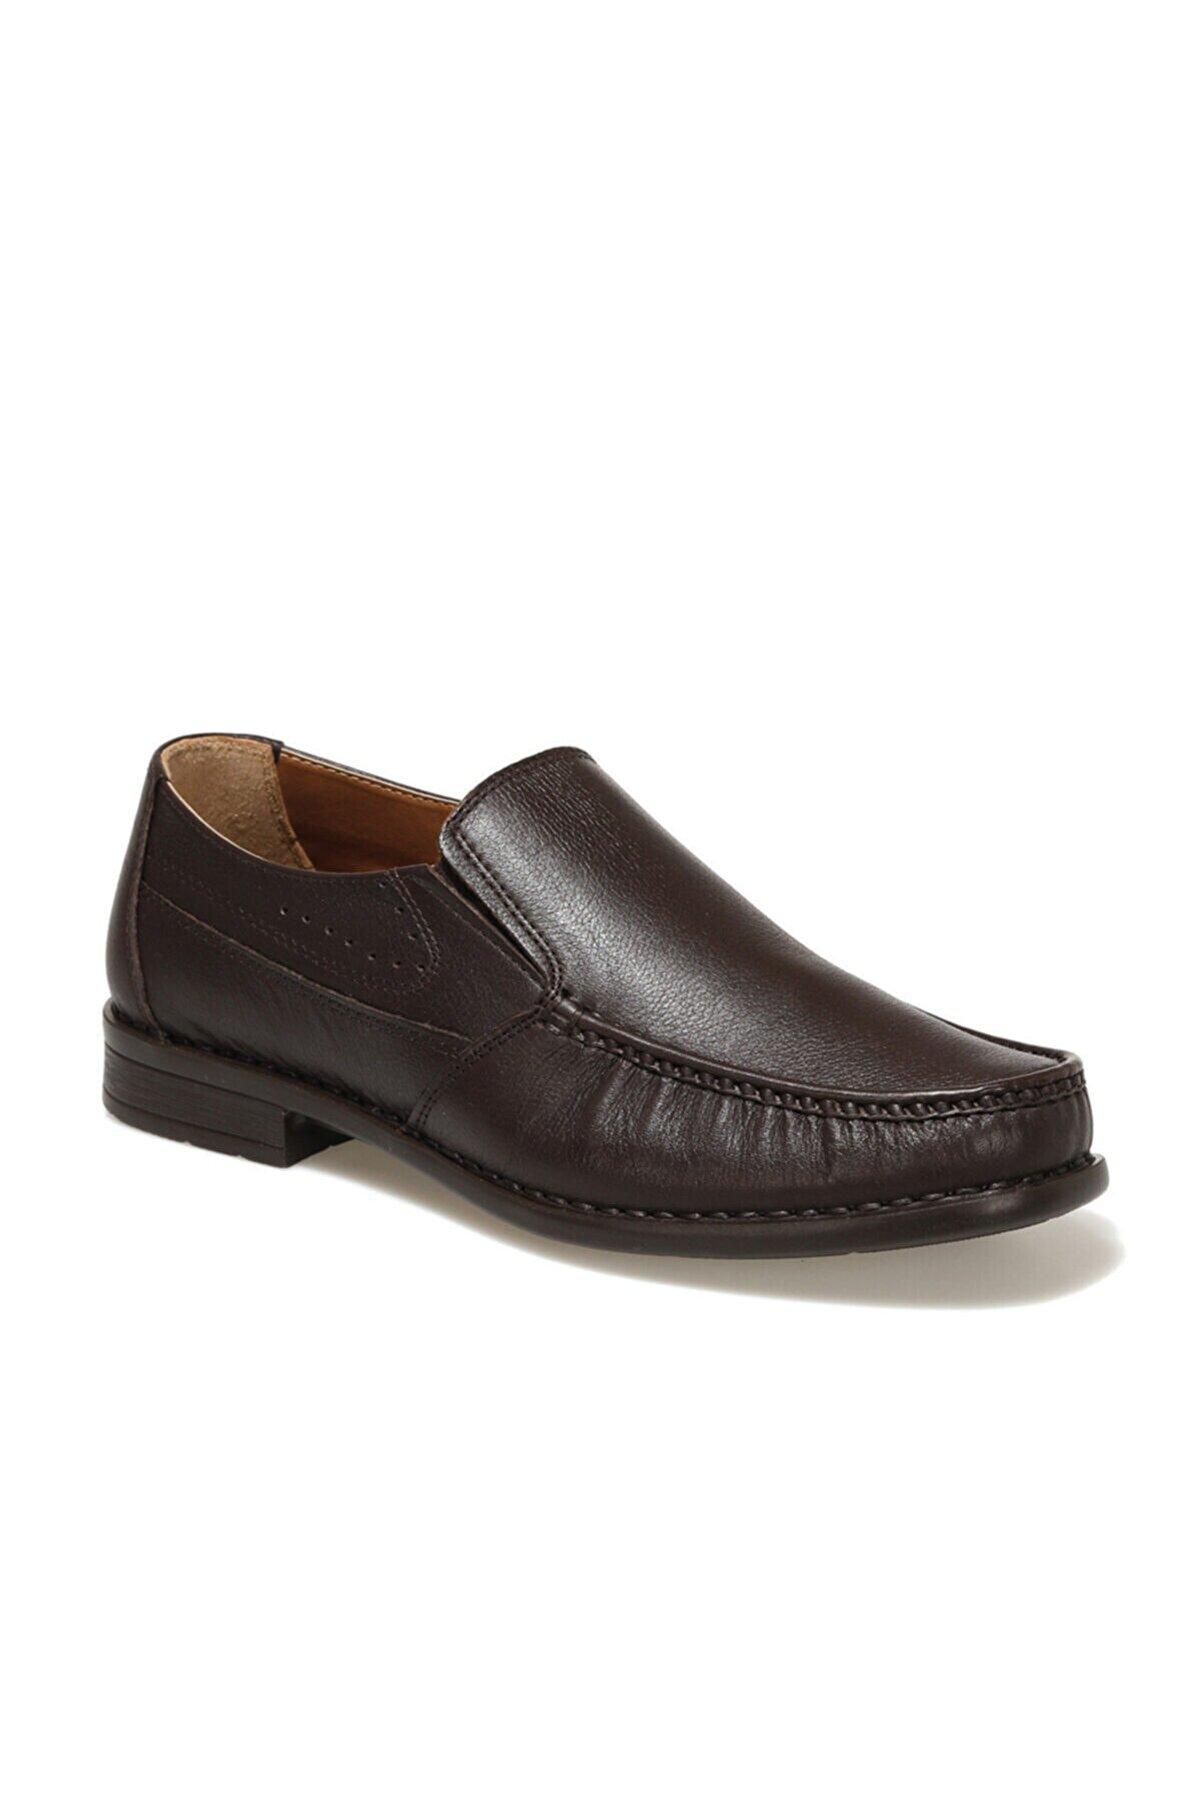 Polaris 108867.M1FX Kahverengi Erkek Comfort Ayakkabı 100787641